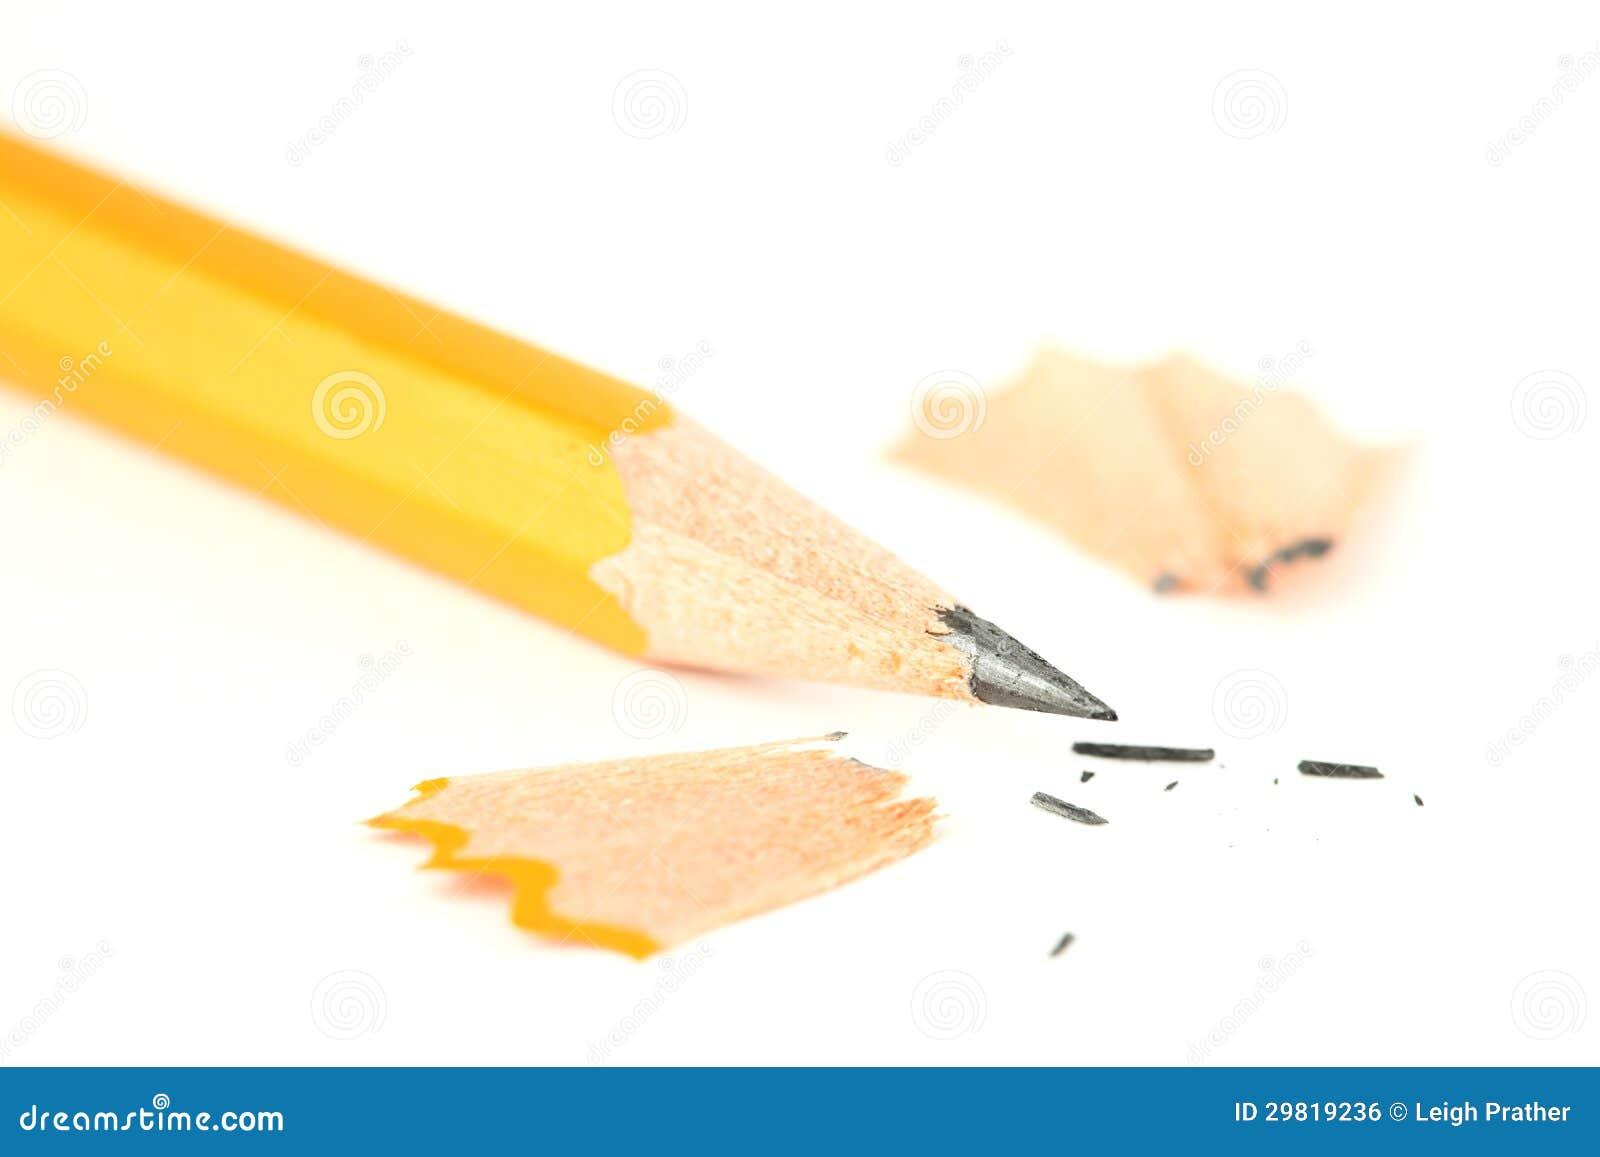 Close up Sharpened do lápis